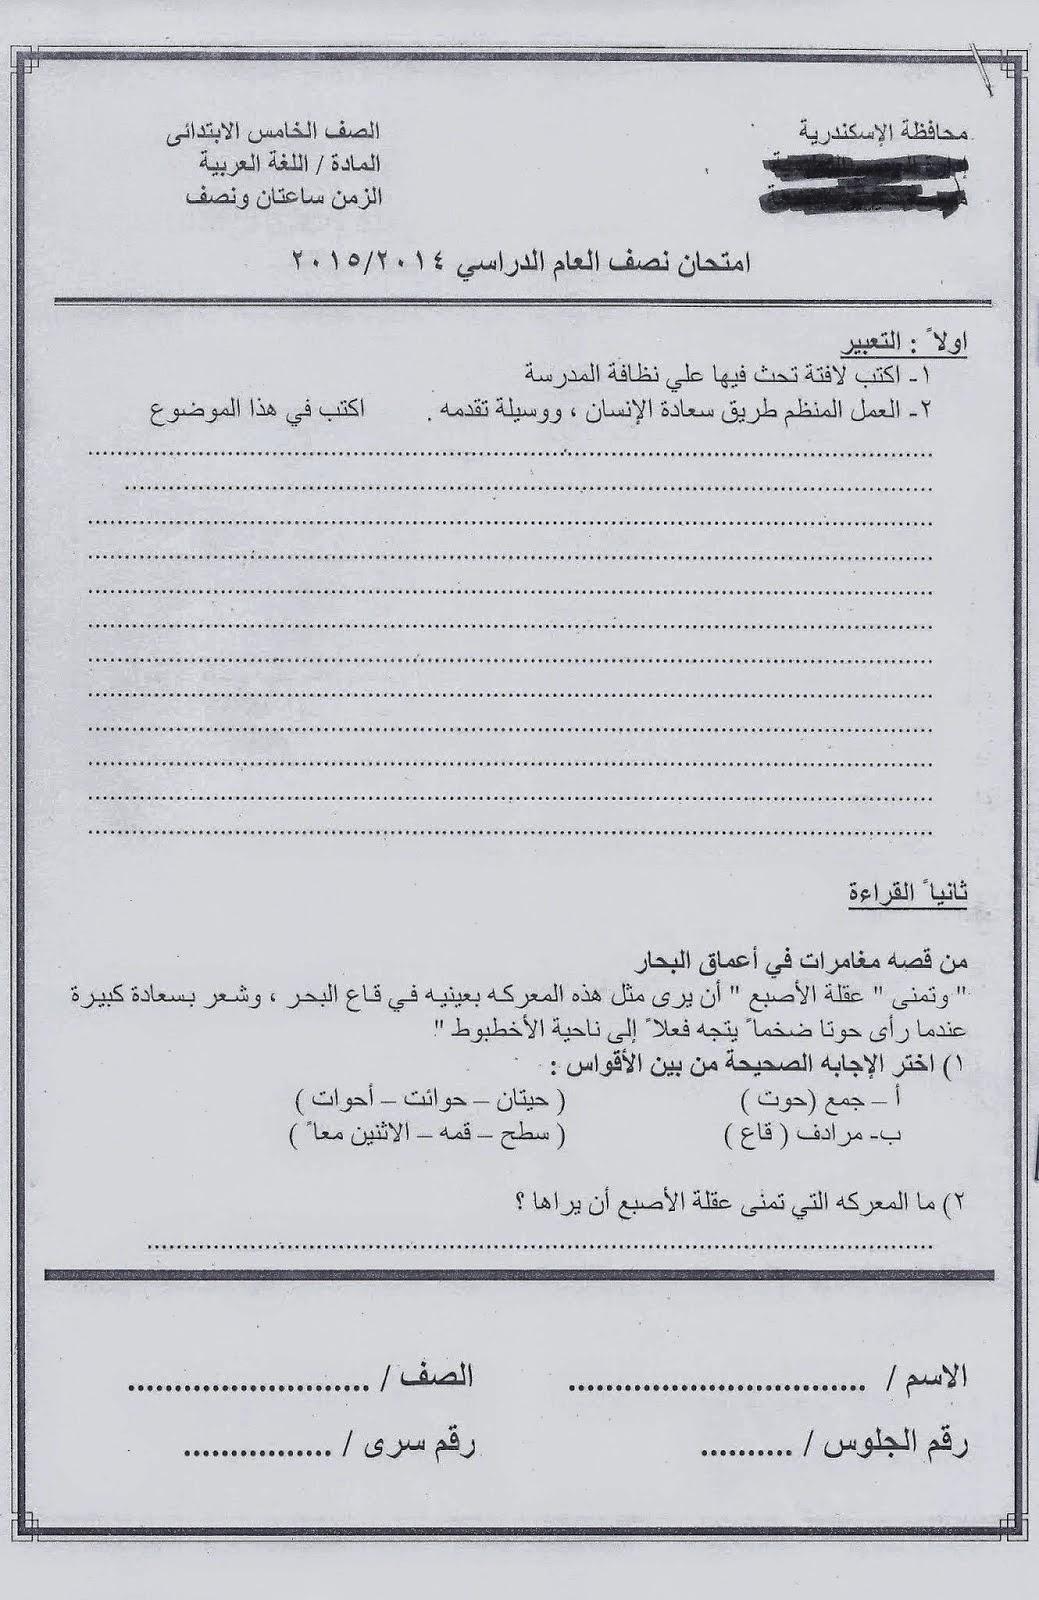 امتحانات كل مواد الصف الخامس الابتدائي الترم الأول 2015 مدارس مصر حكومى و لغات scan0096.jpg